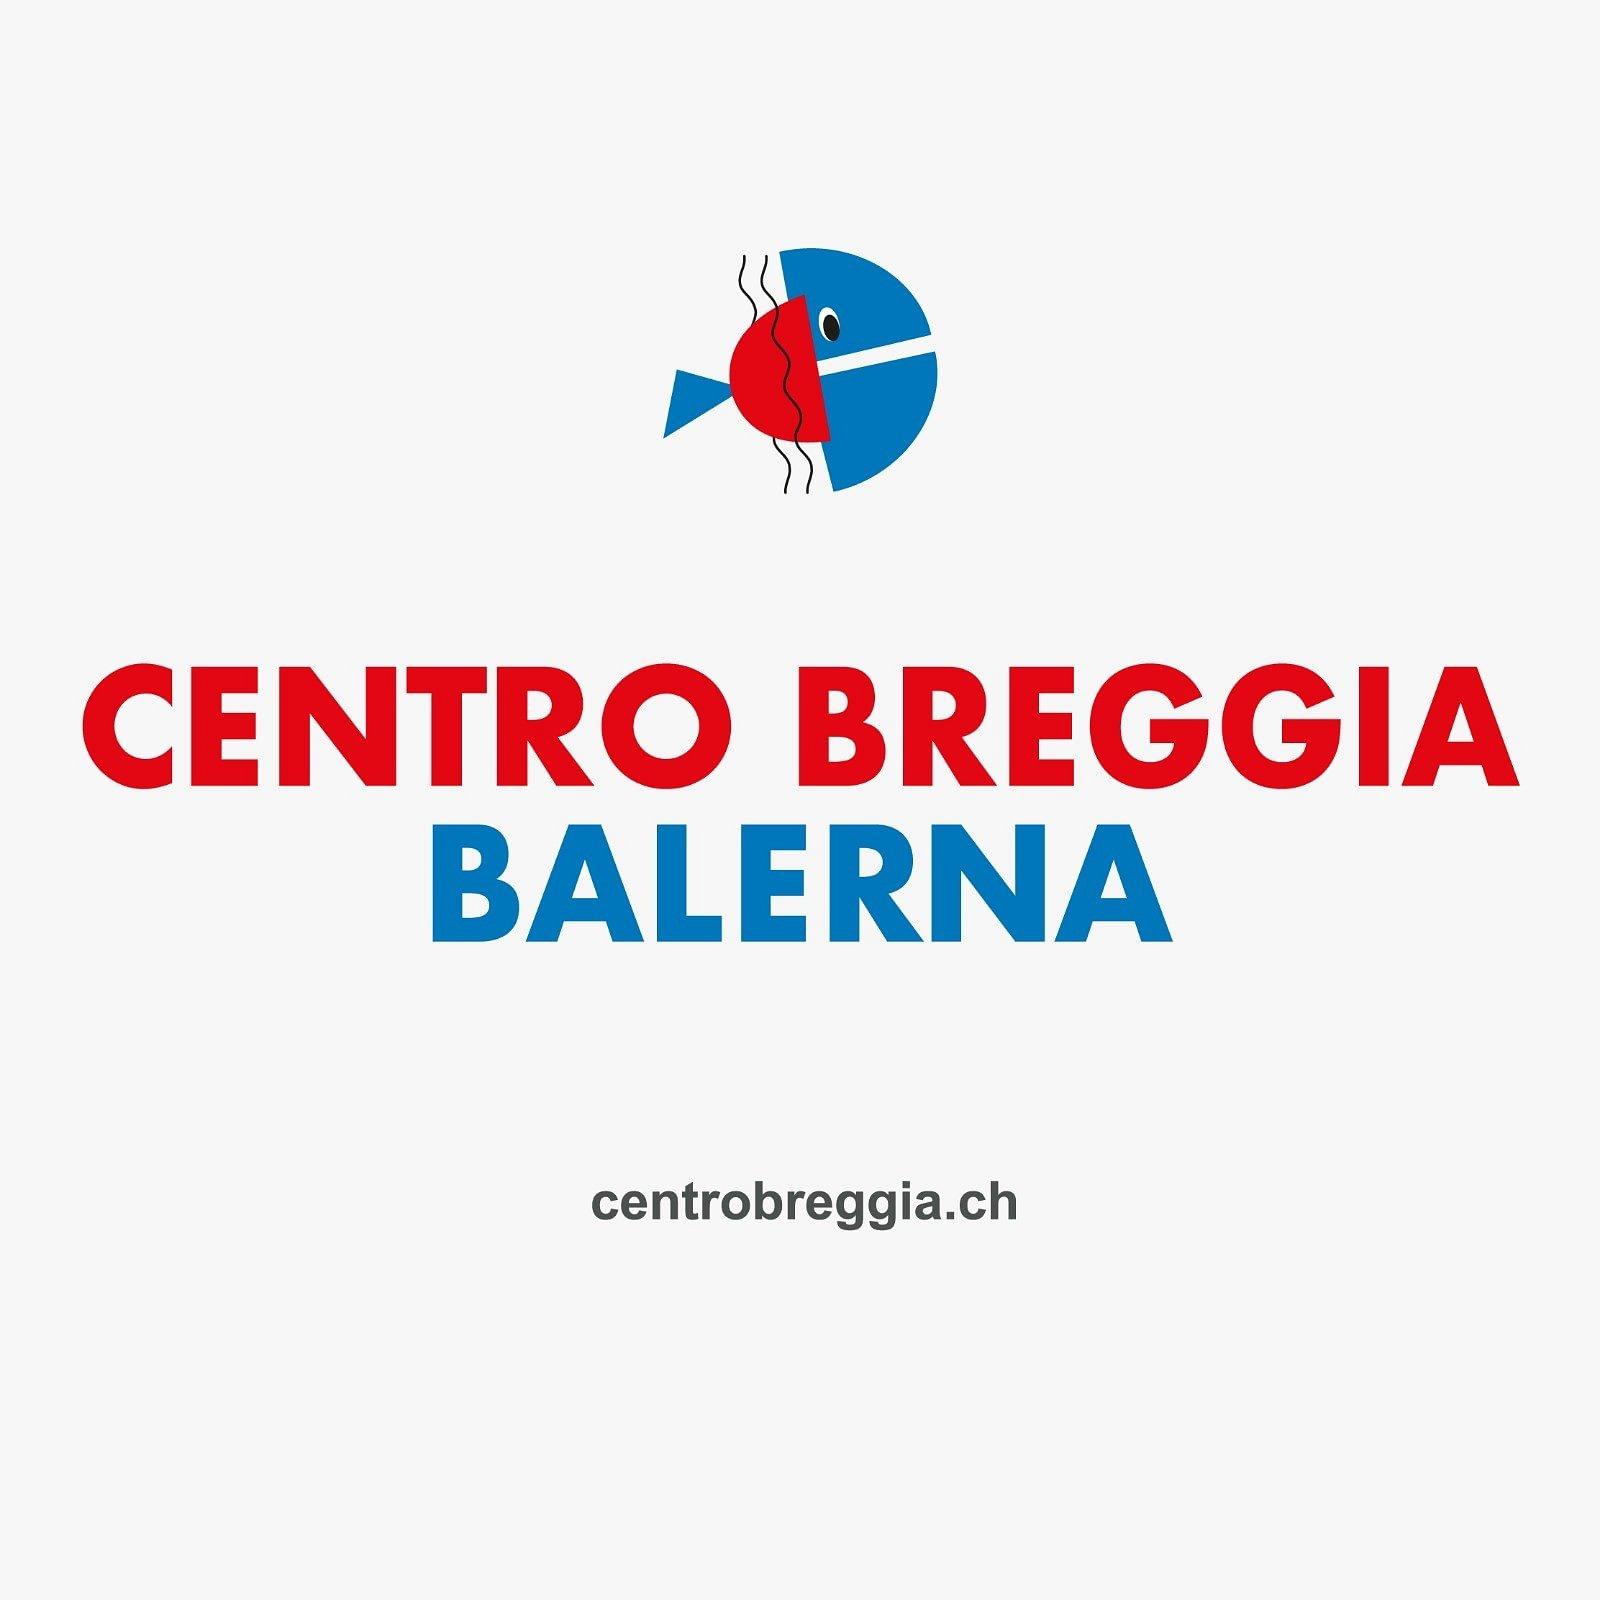 CENTRO BREGGIA